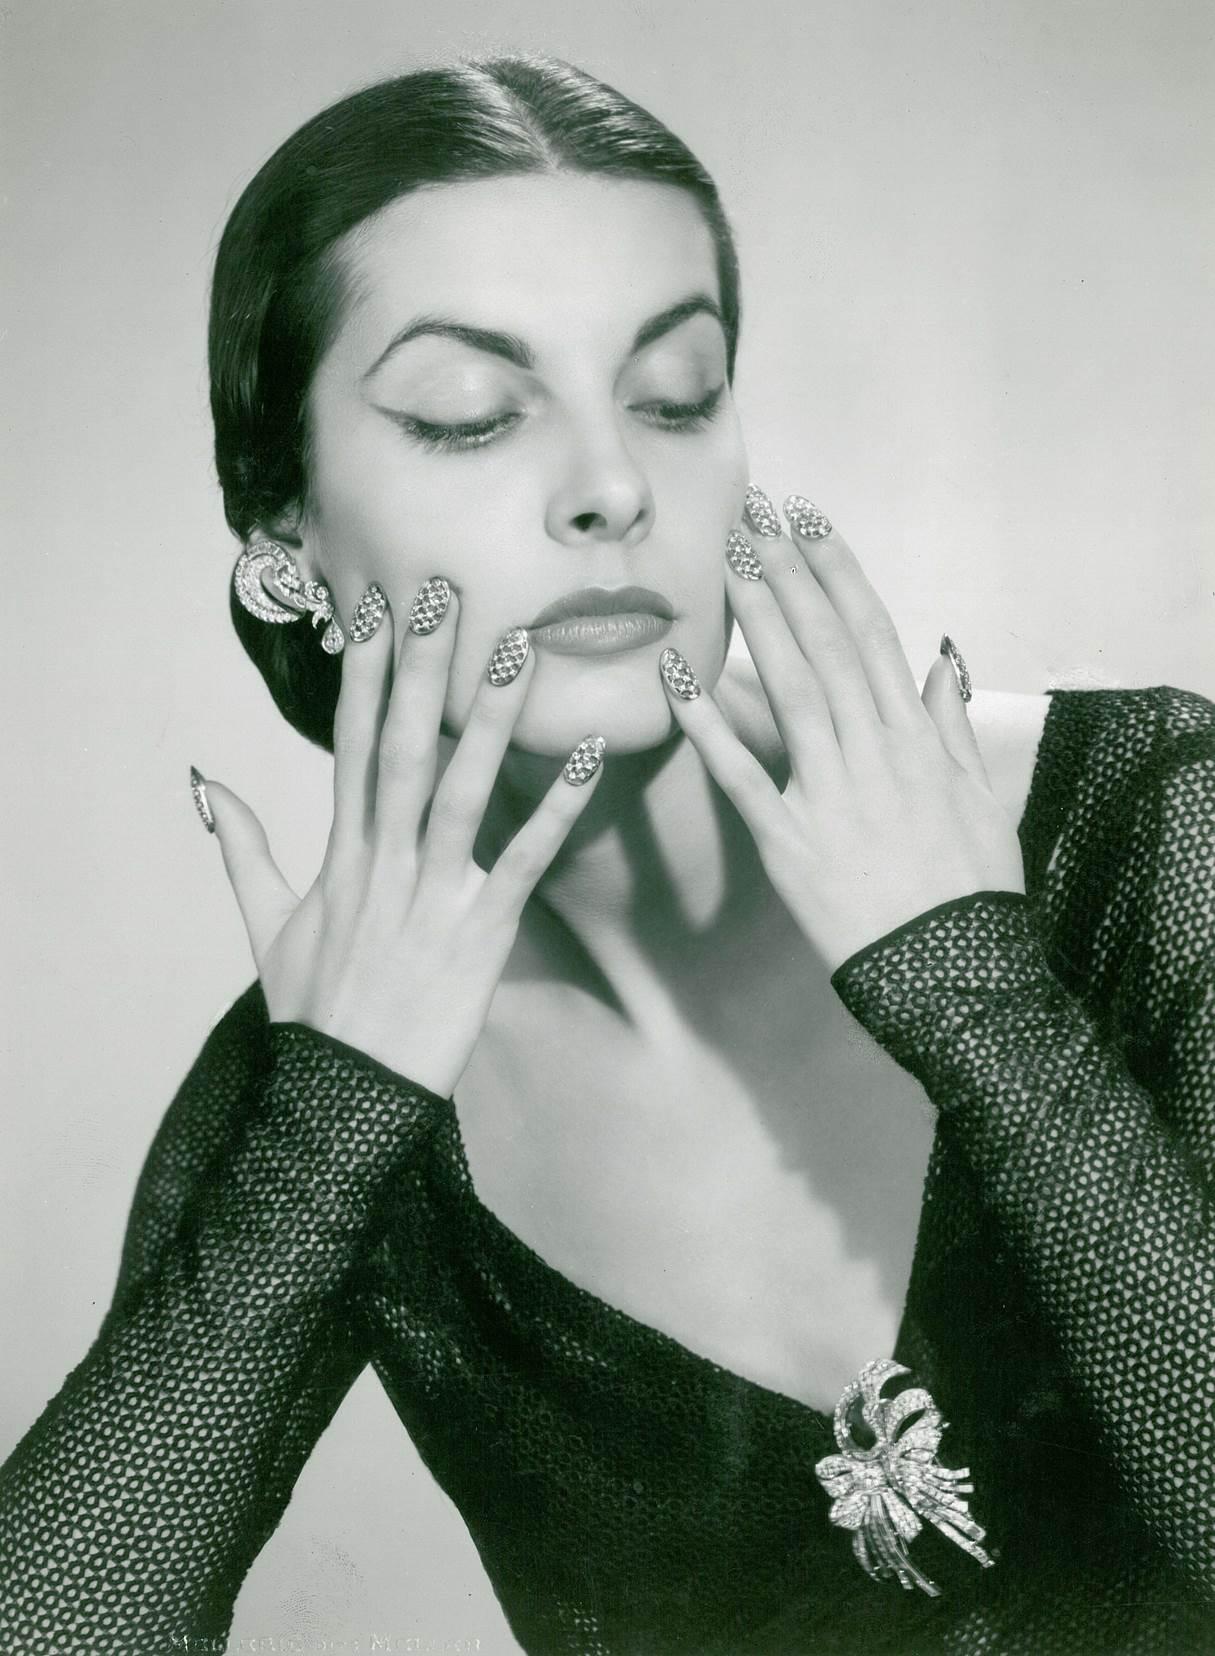 Mellerio, nagels van palladium en diamant, 1953. Collectie Mellerio. Foto met dank aan ADAGP, Mellerio©